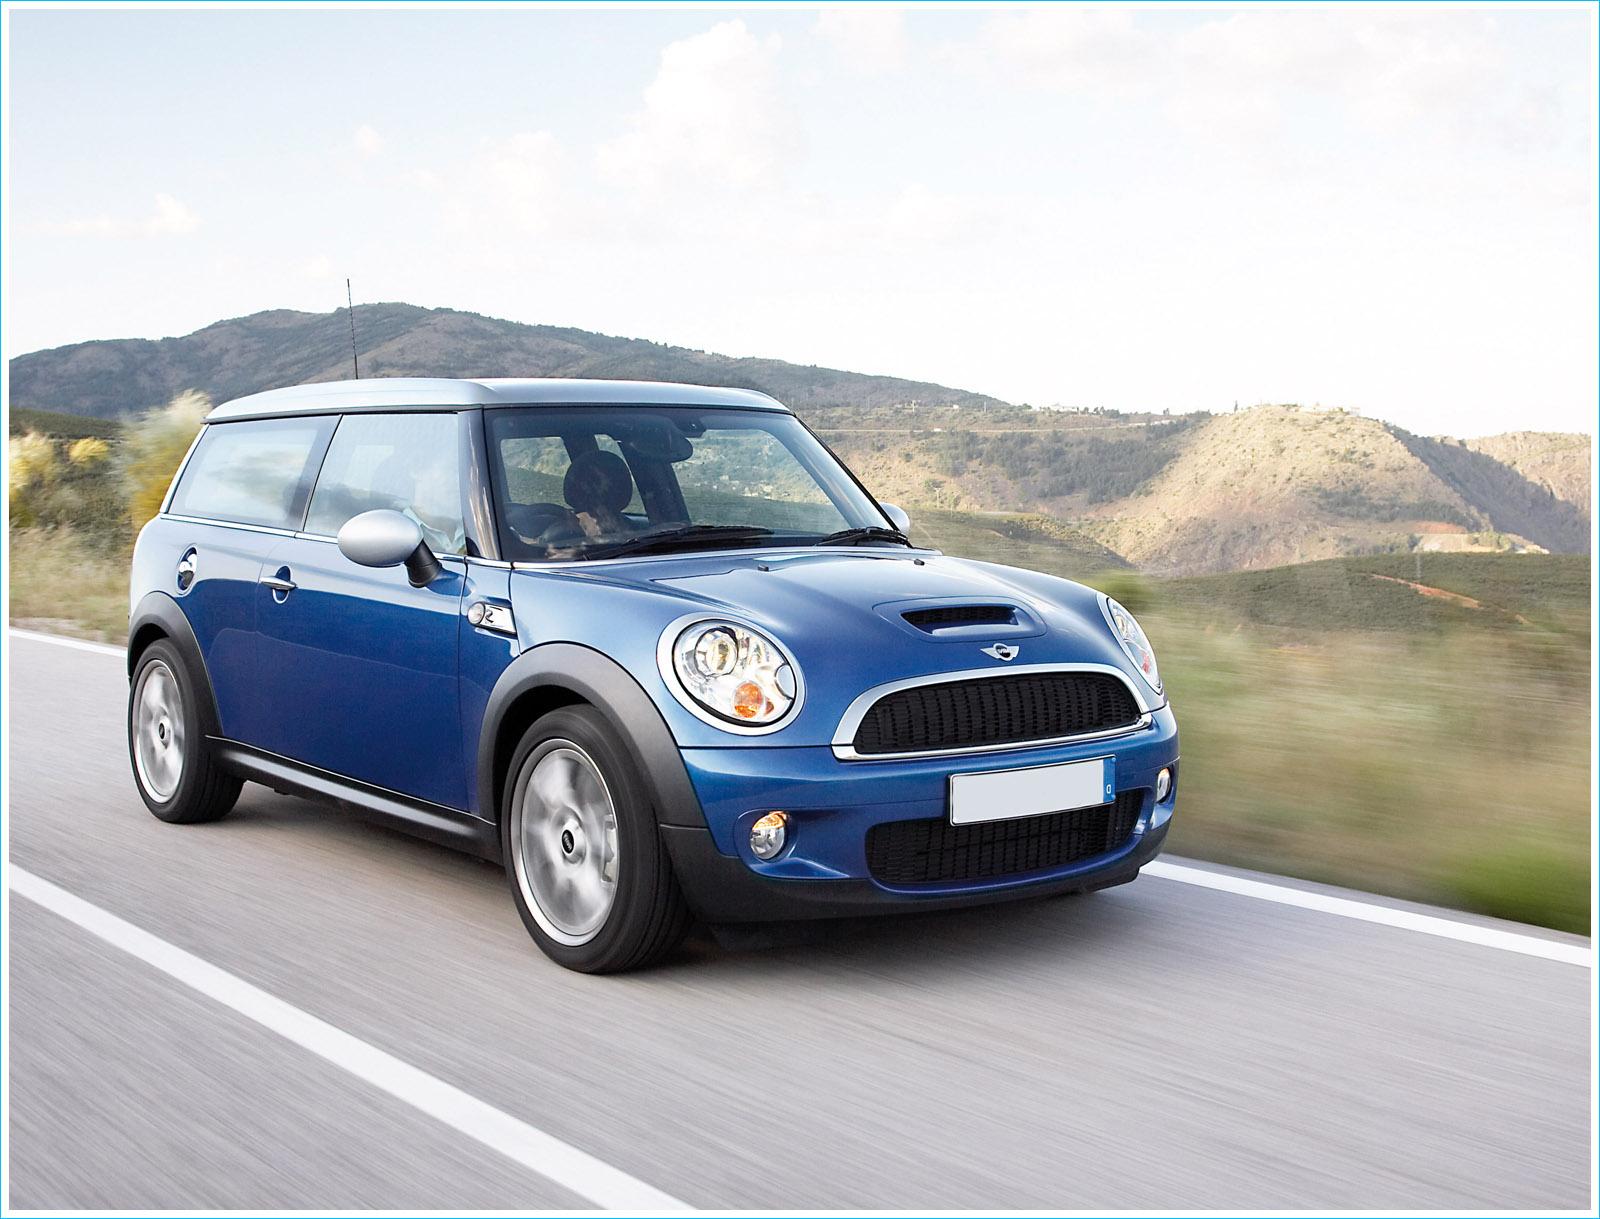 Mod le populaire de voiture mini cooper - Coloriage voiture mini cooper ...